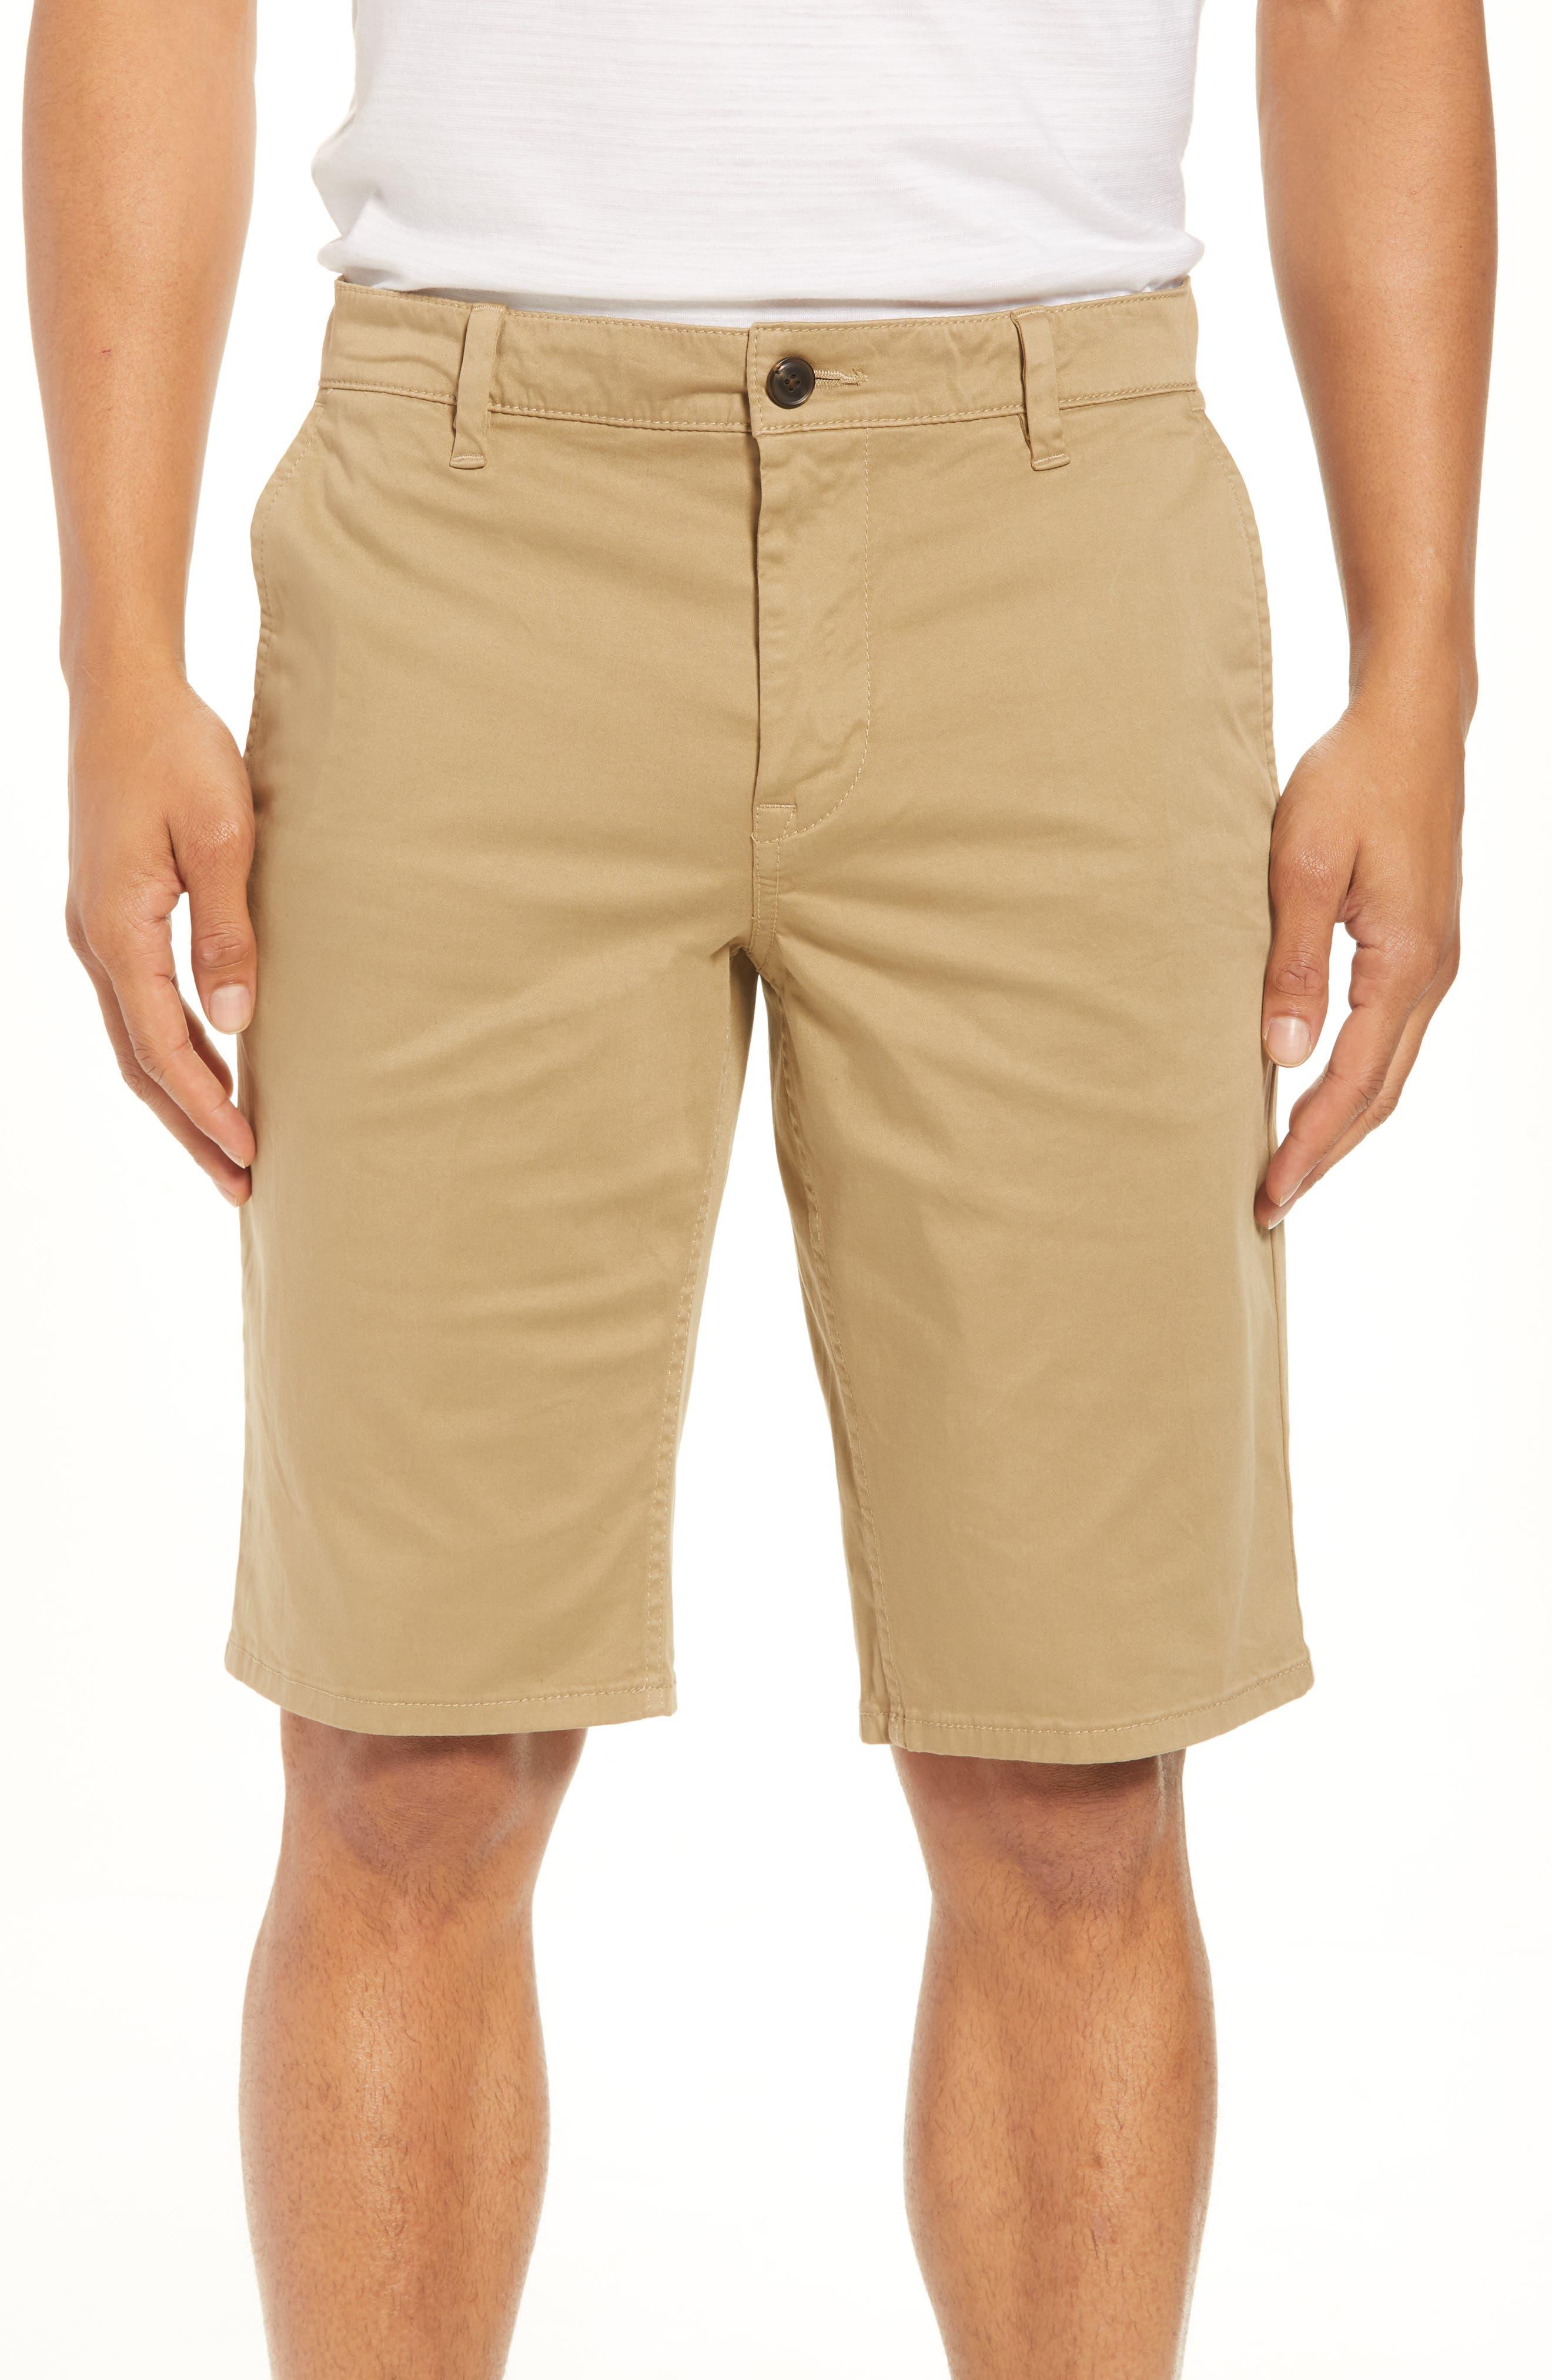 Slim Fit Shorts,                             Main thumbnail 1, color,                             200